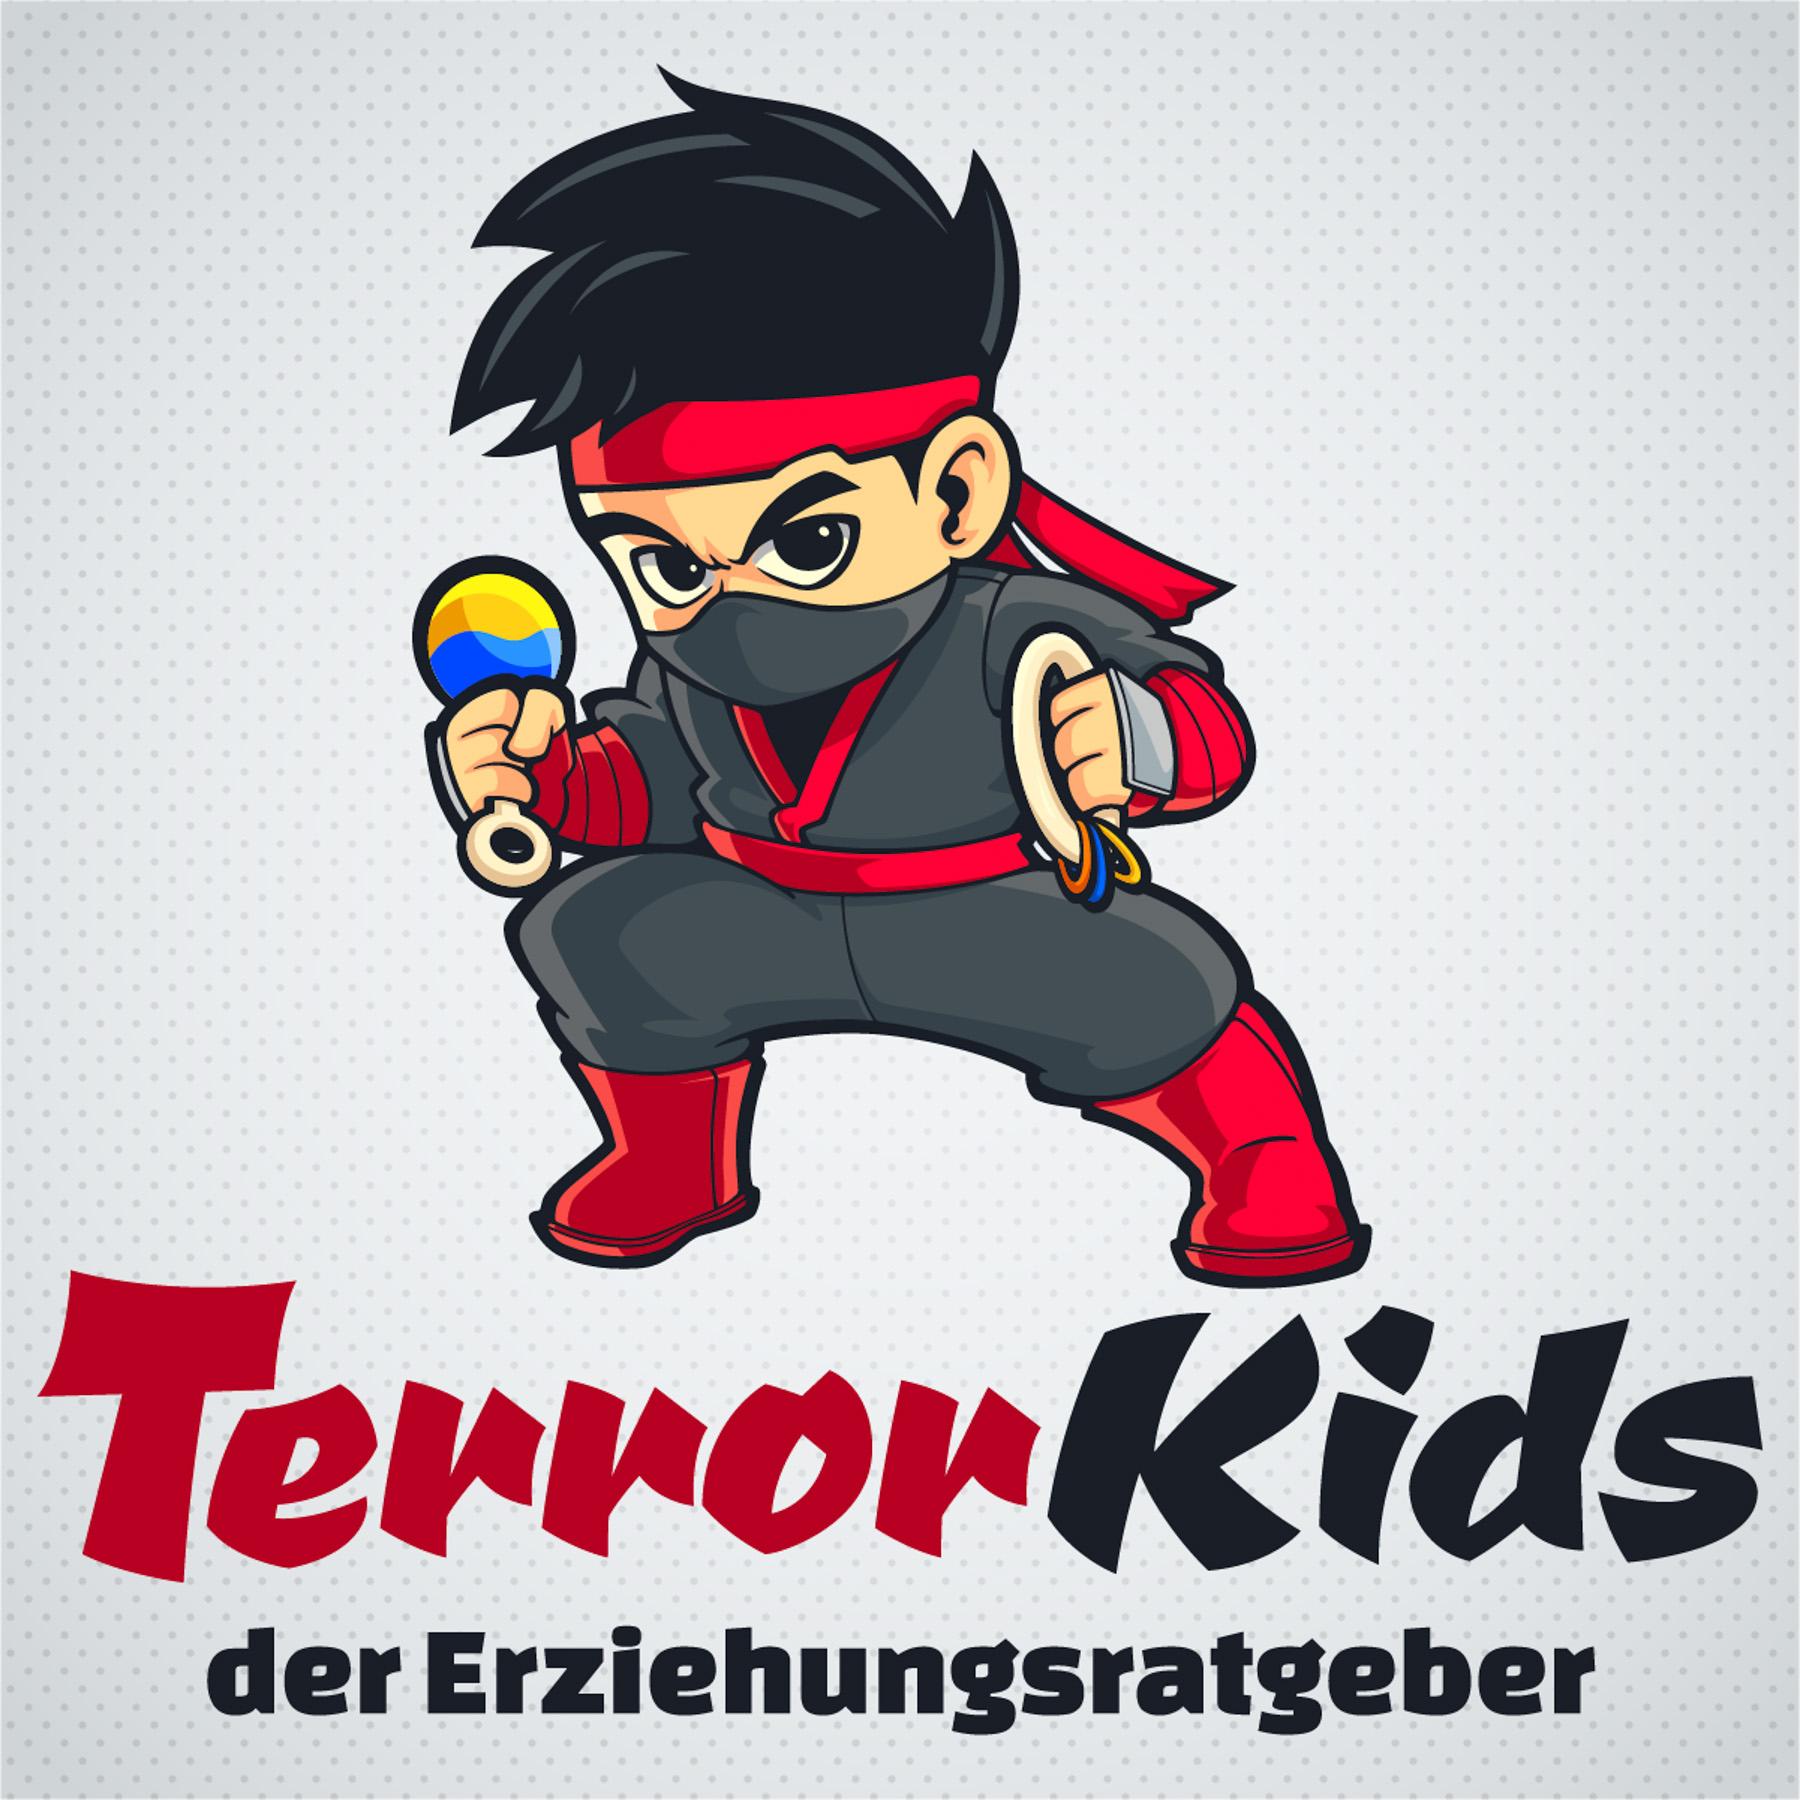 TerrorKids - der Erziehungsratgeber show art